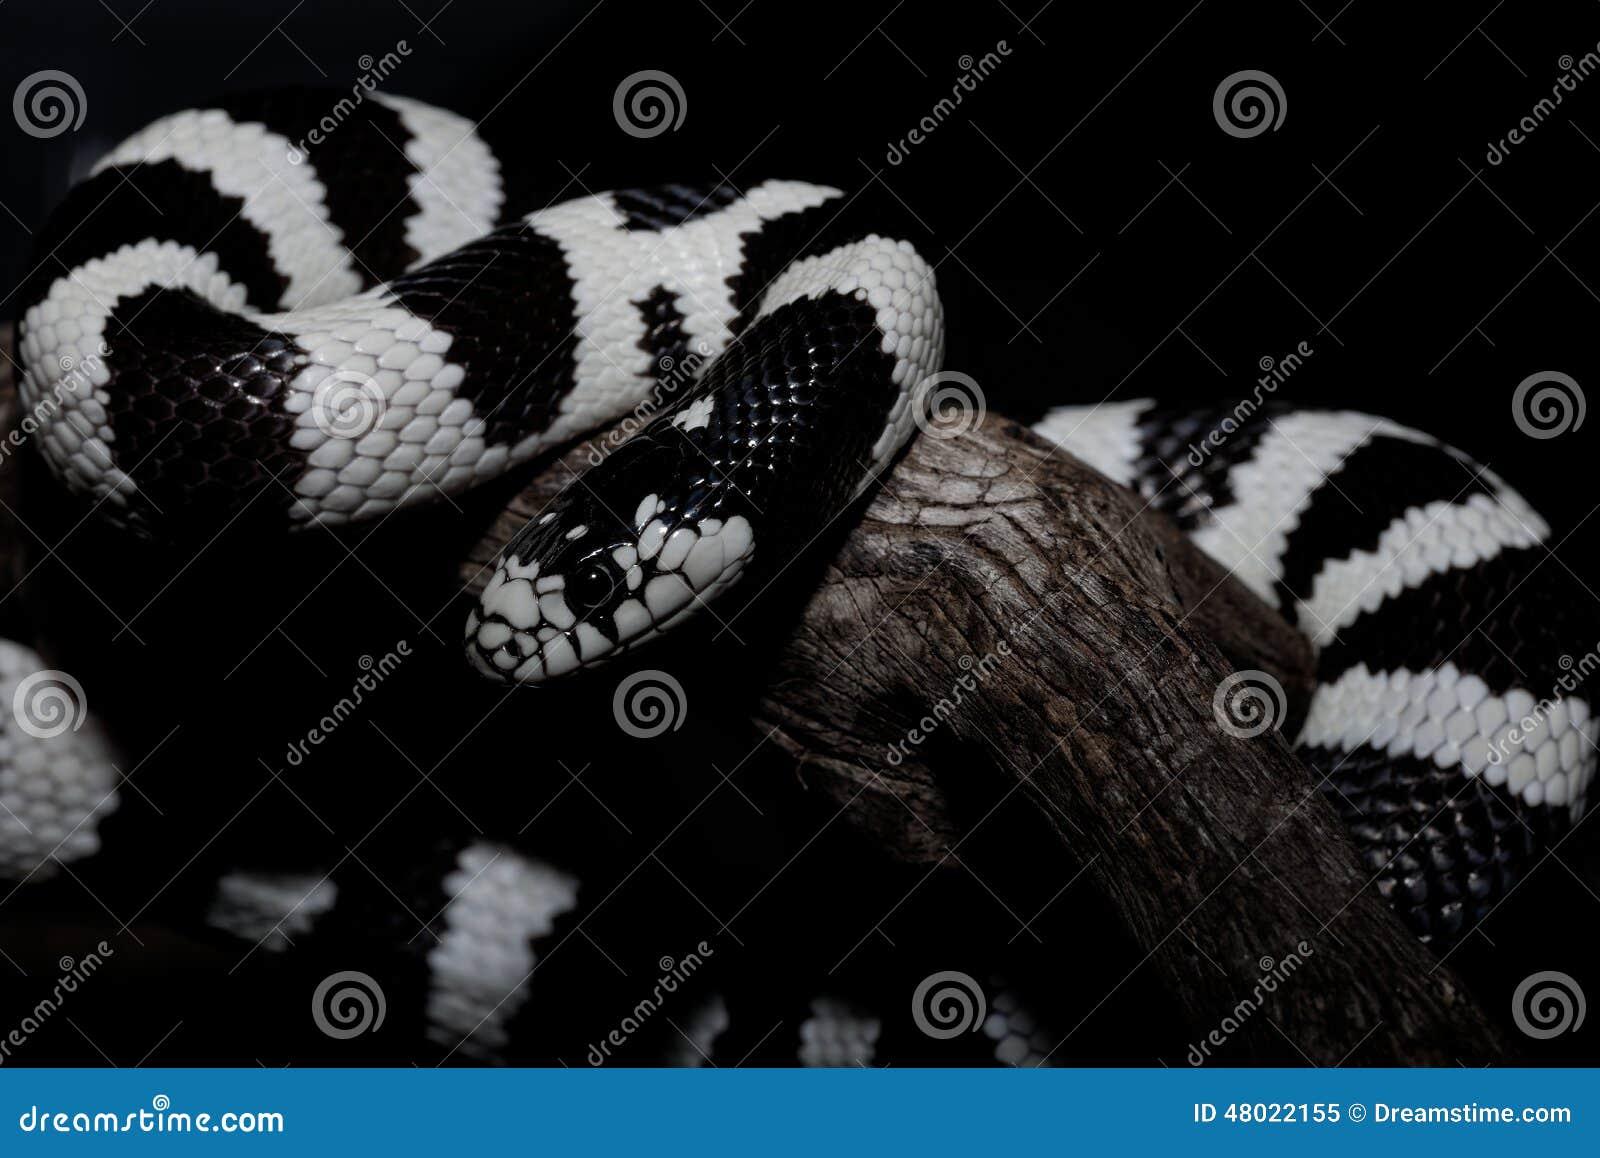 Het Zwart-wit Serpent Stock Foto - Afbeelding: 48022155